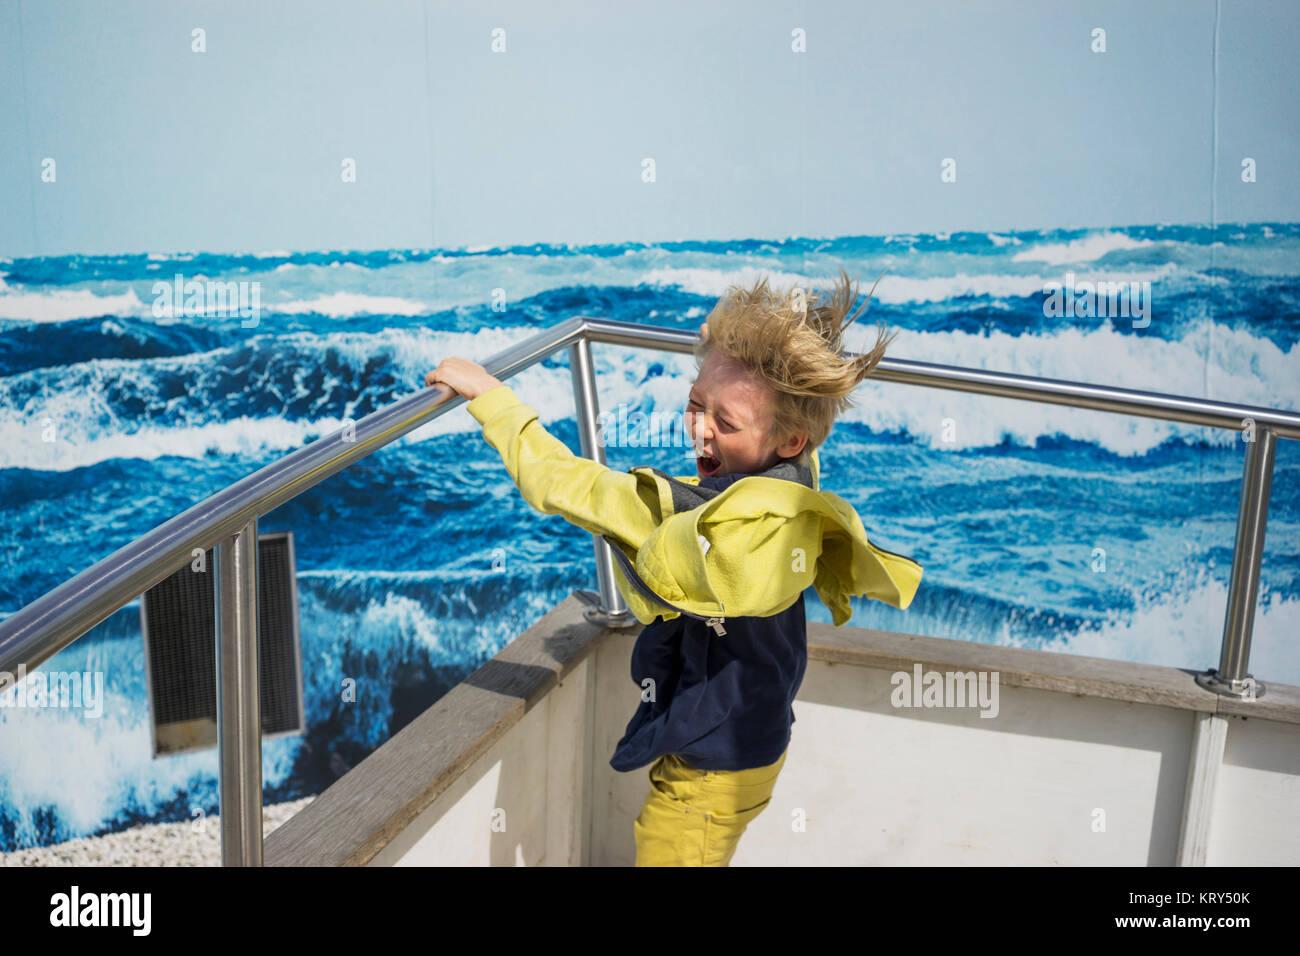 Un joven en un barco en tiempo húmedo gear Imagen De Stock